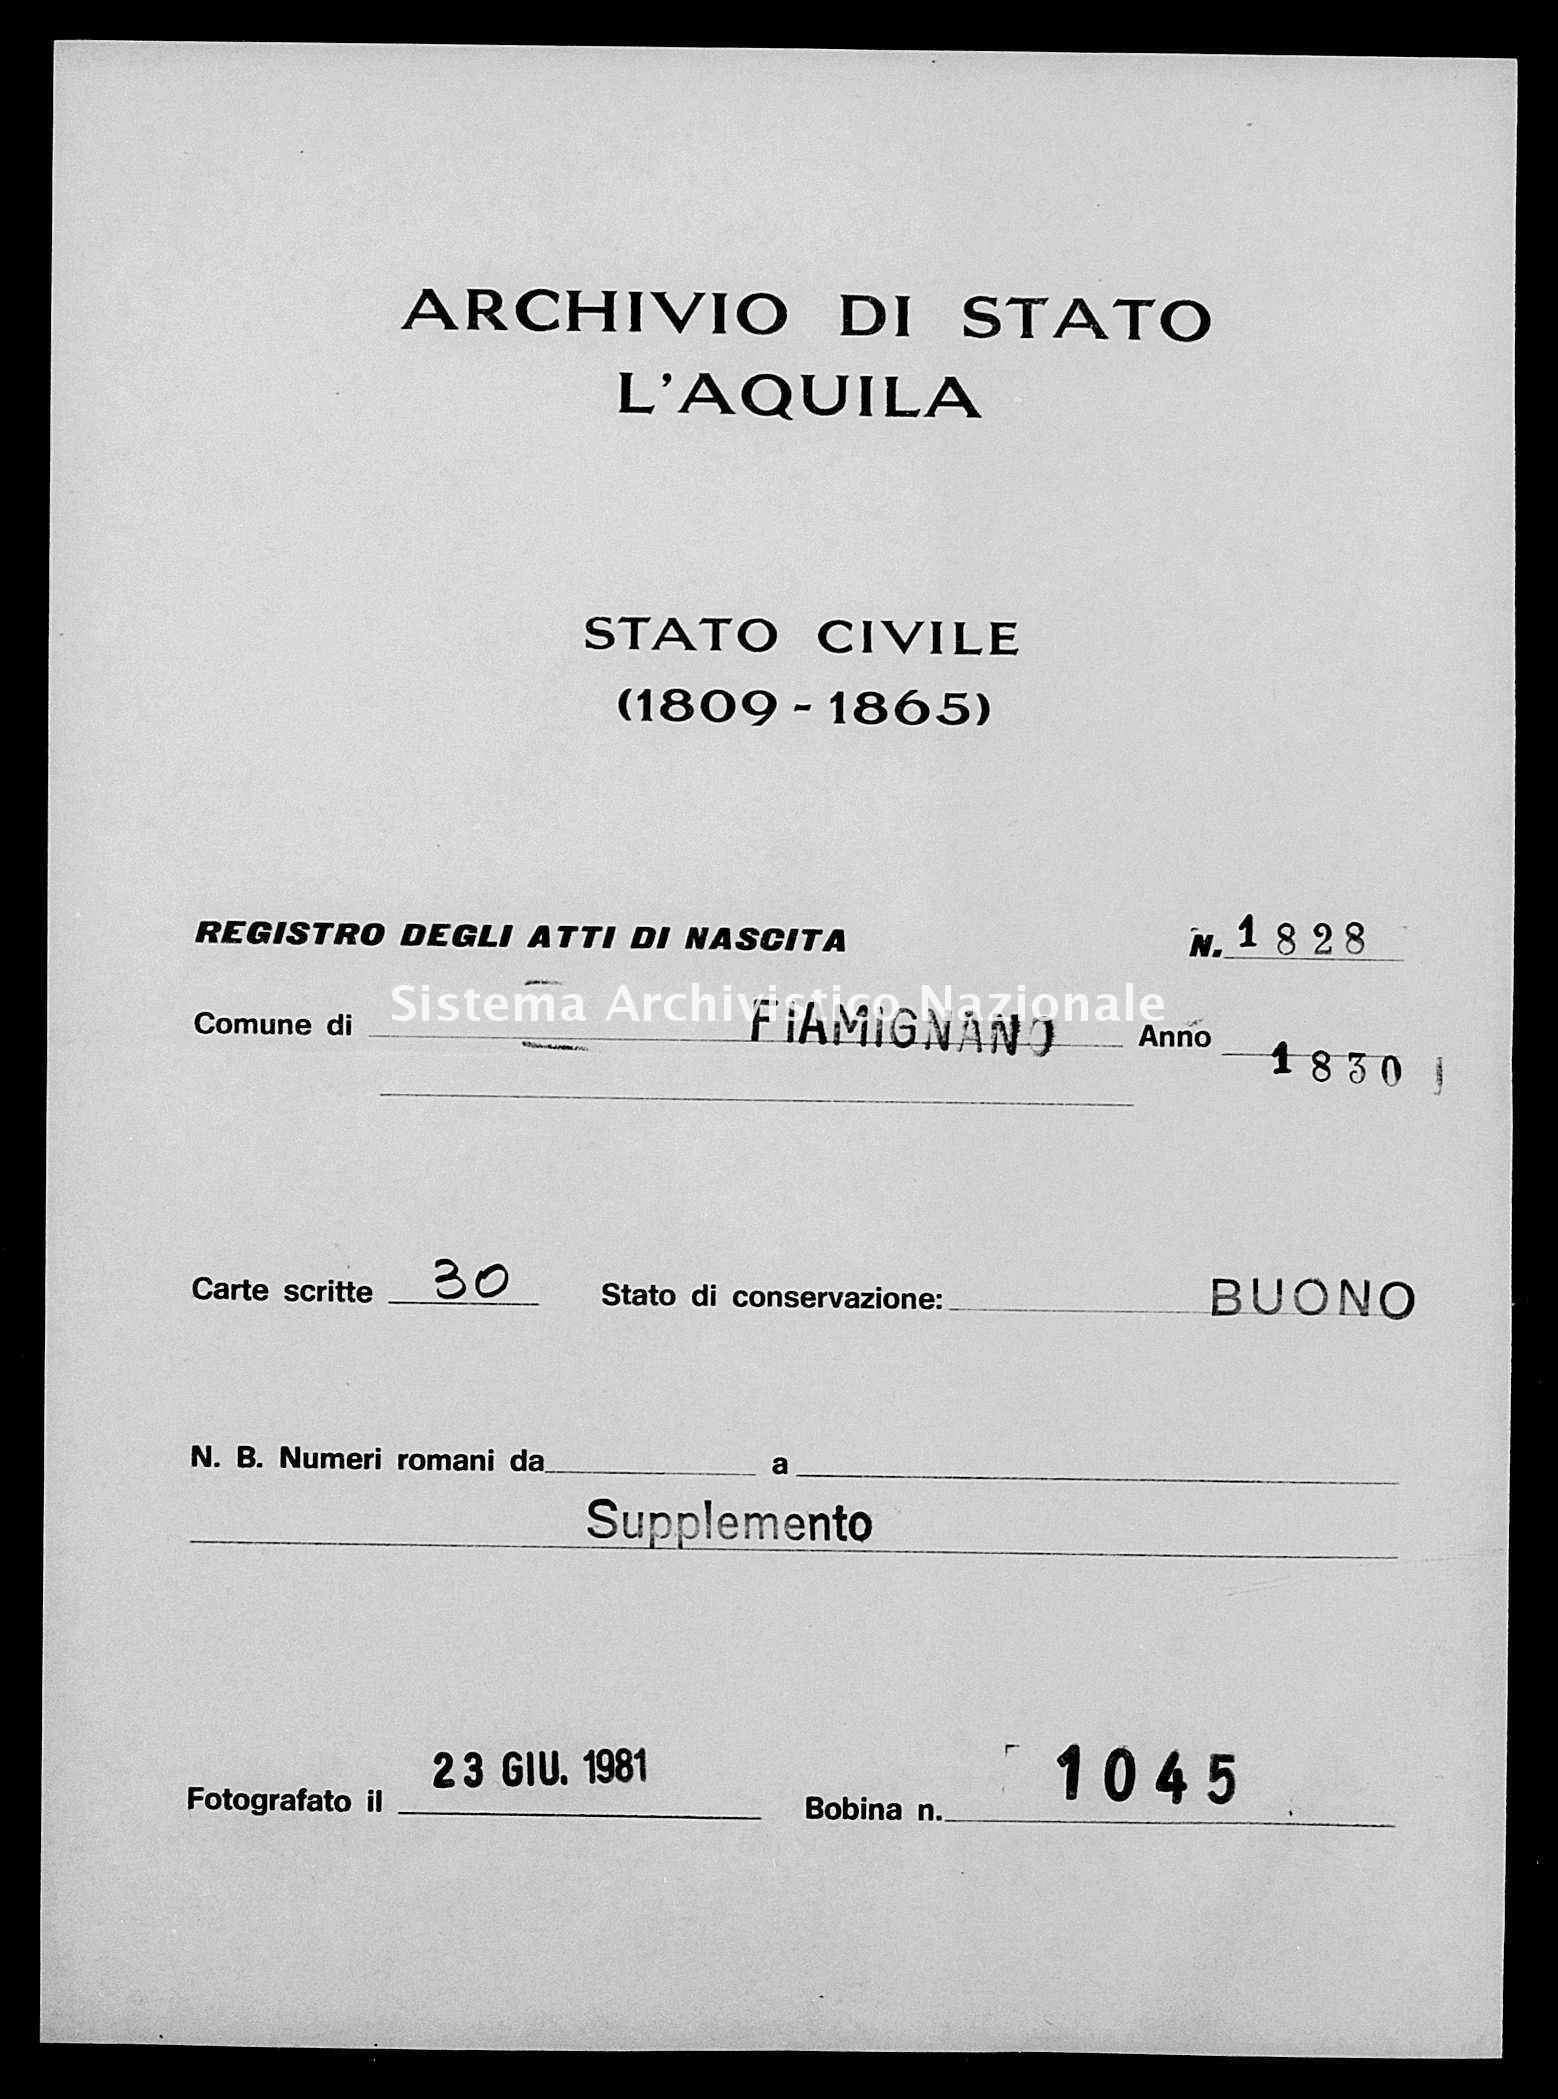 Archivio di stato di L'aquila - Stato civile della restaurazione - Fiamignano - Nati, battesimi - 1830 - 1828 -